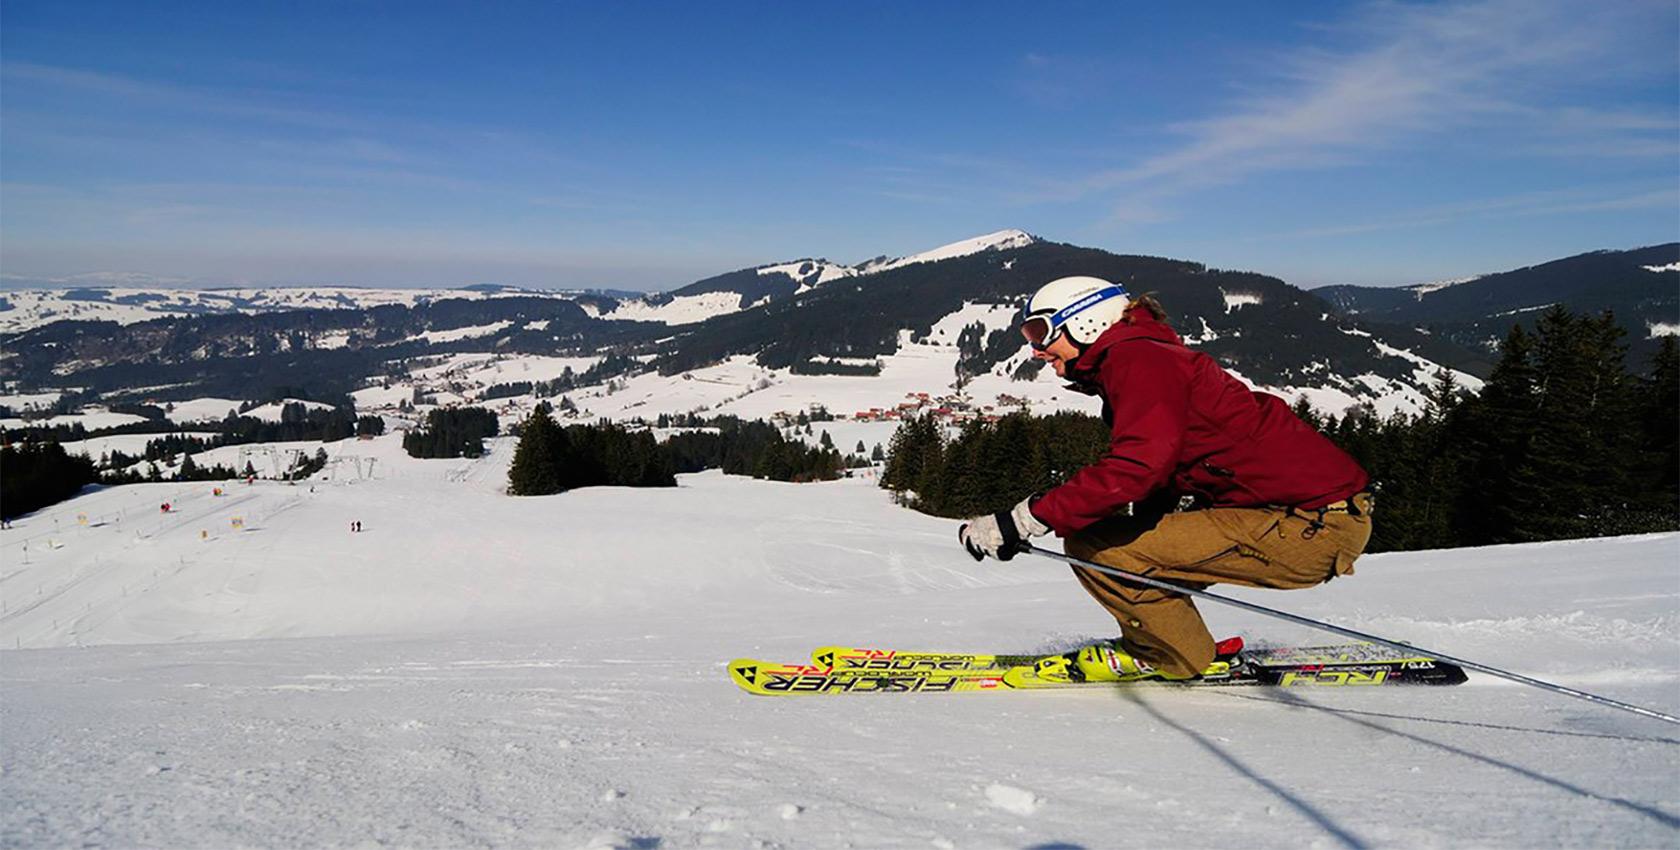 Wintersport in Tirol zum Skifahren und Snowboardfahren im Winterurlaub